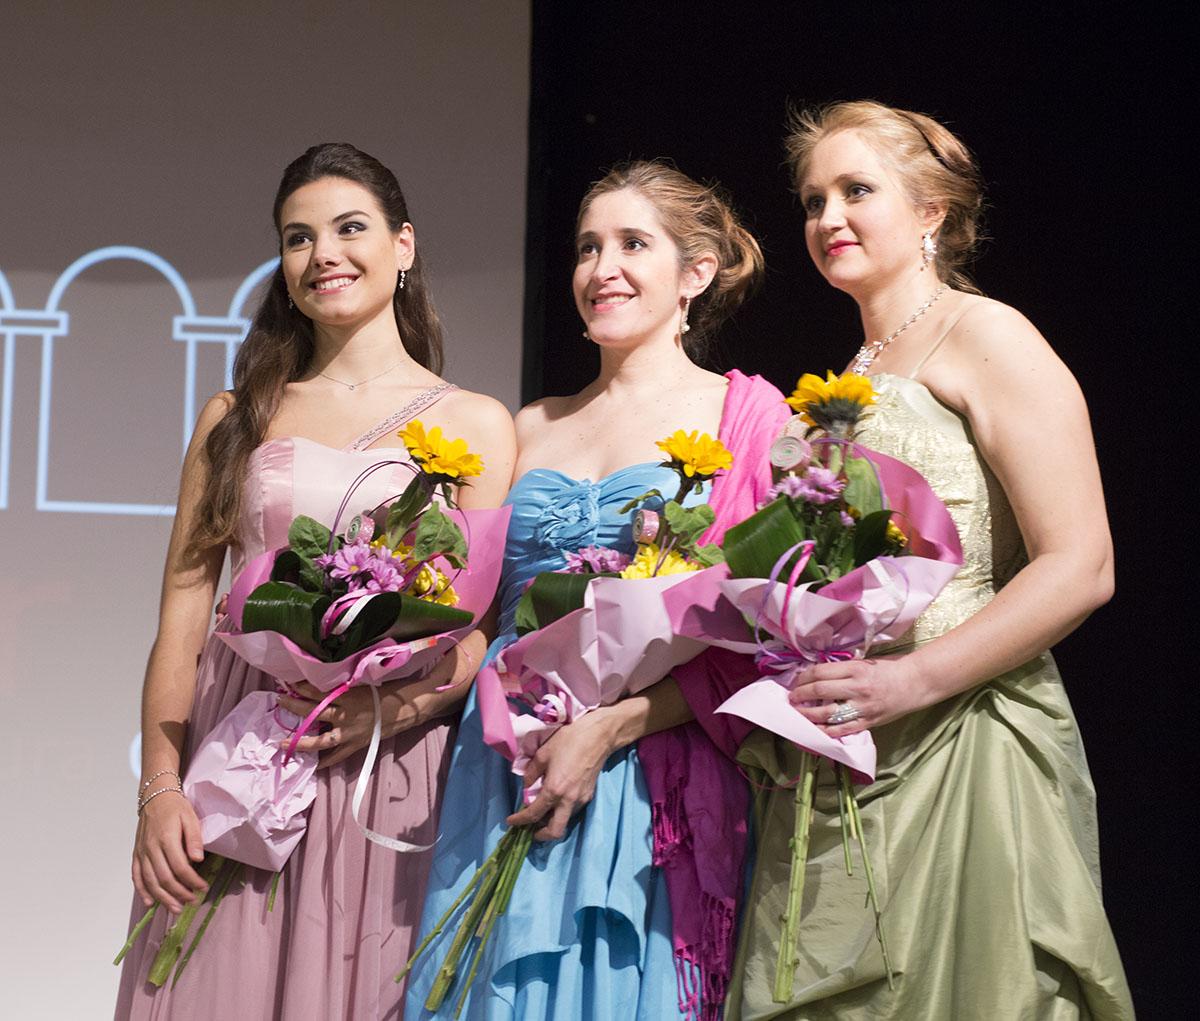 Las Tres sopranos